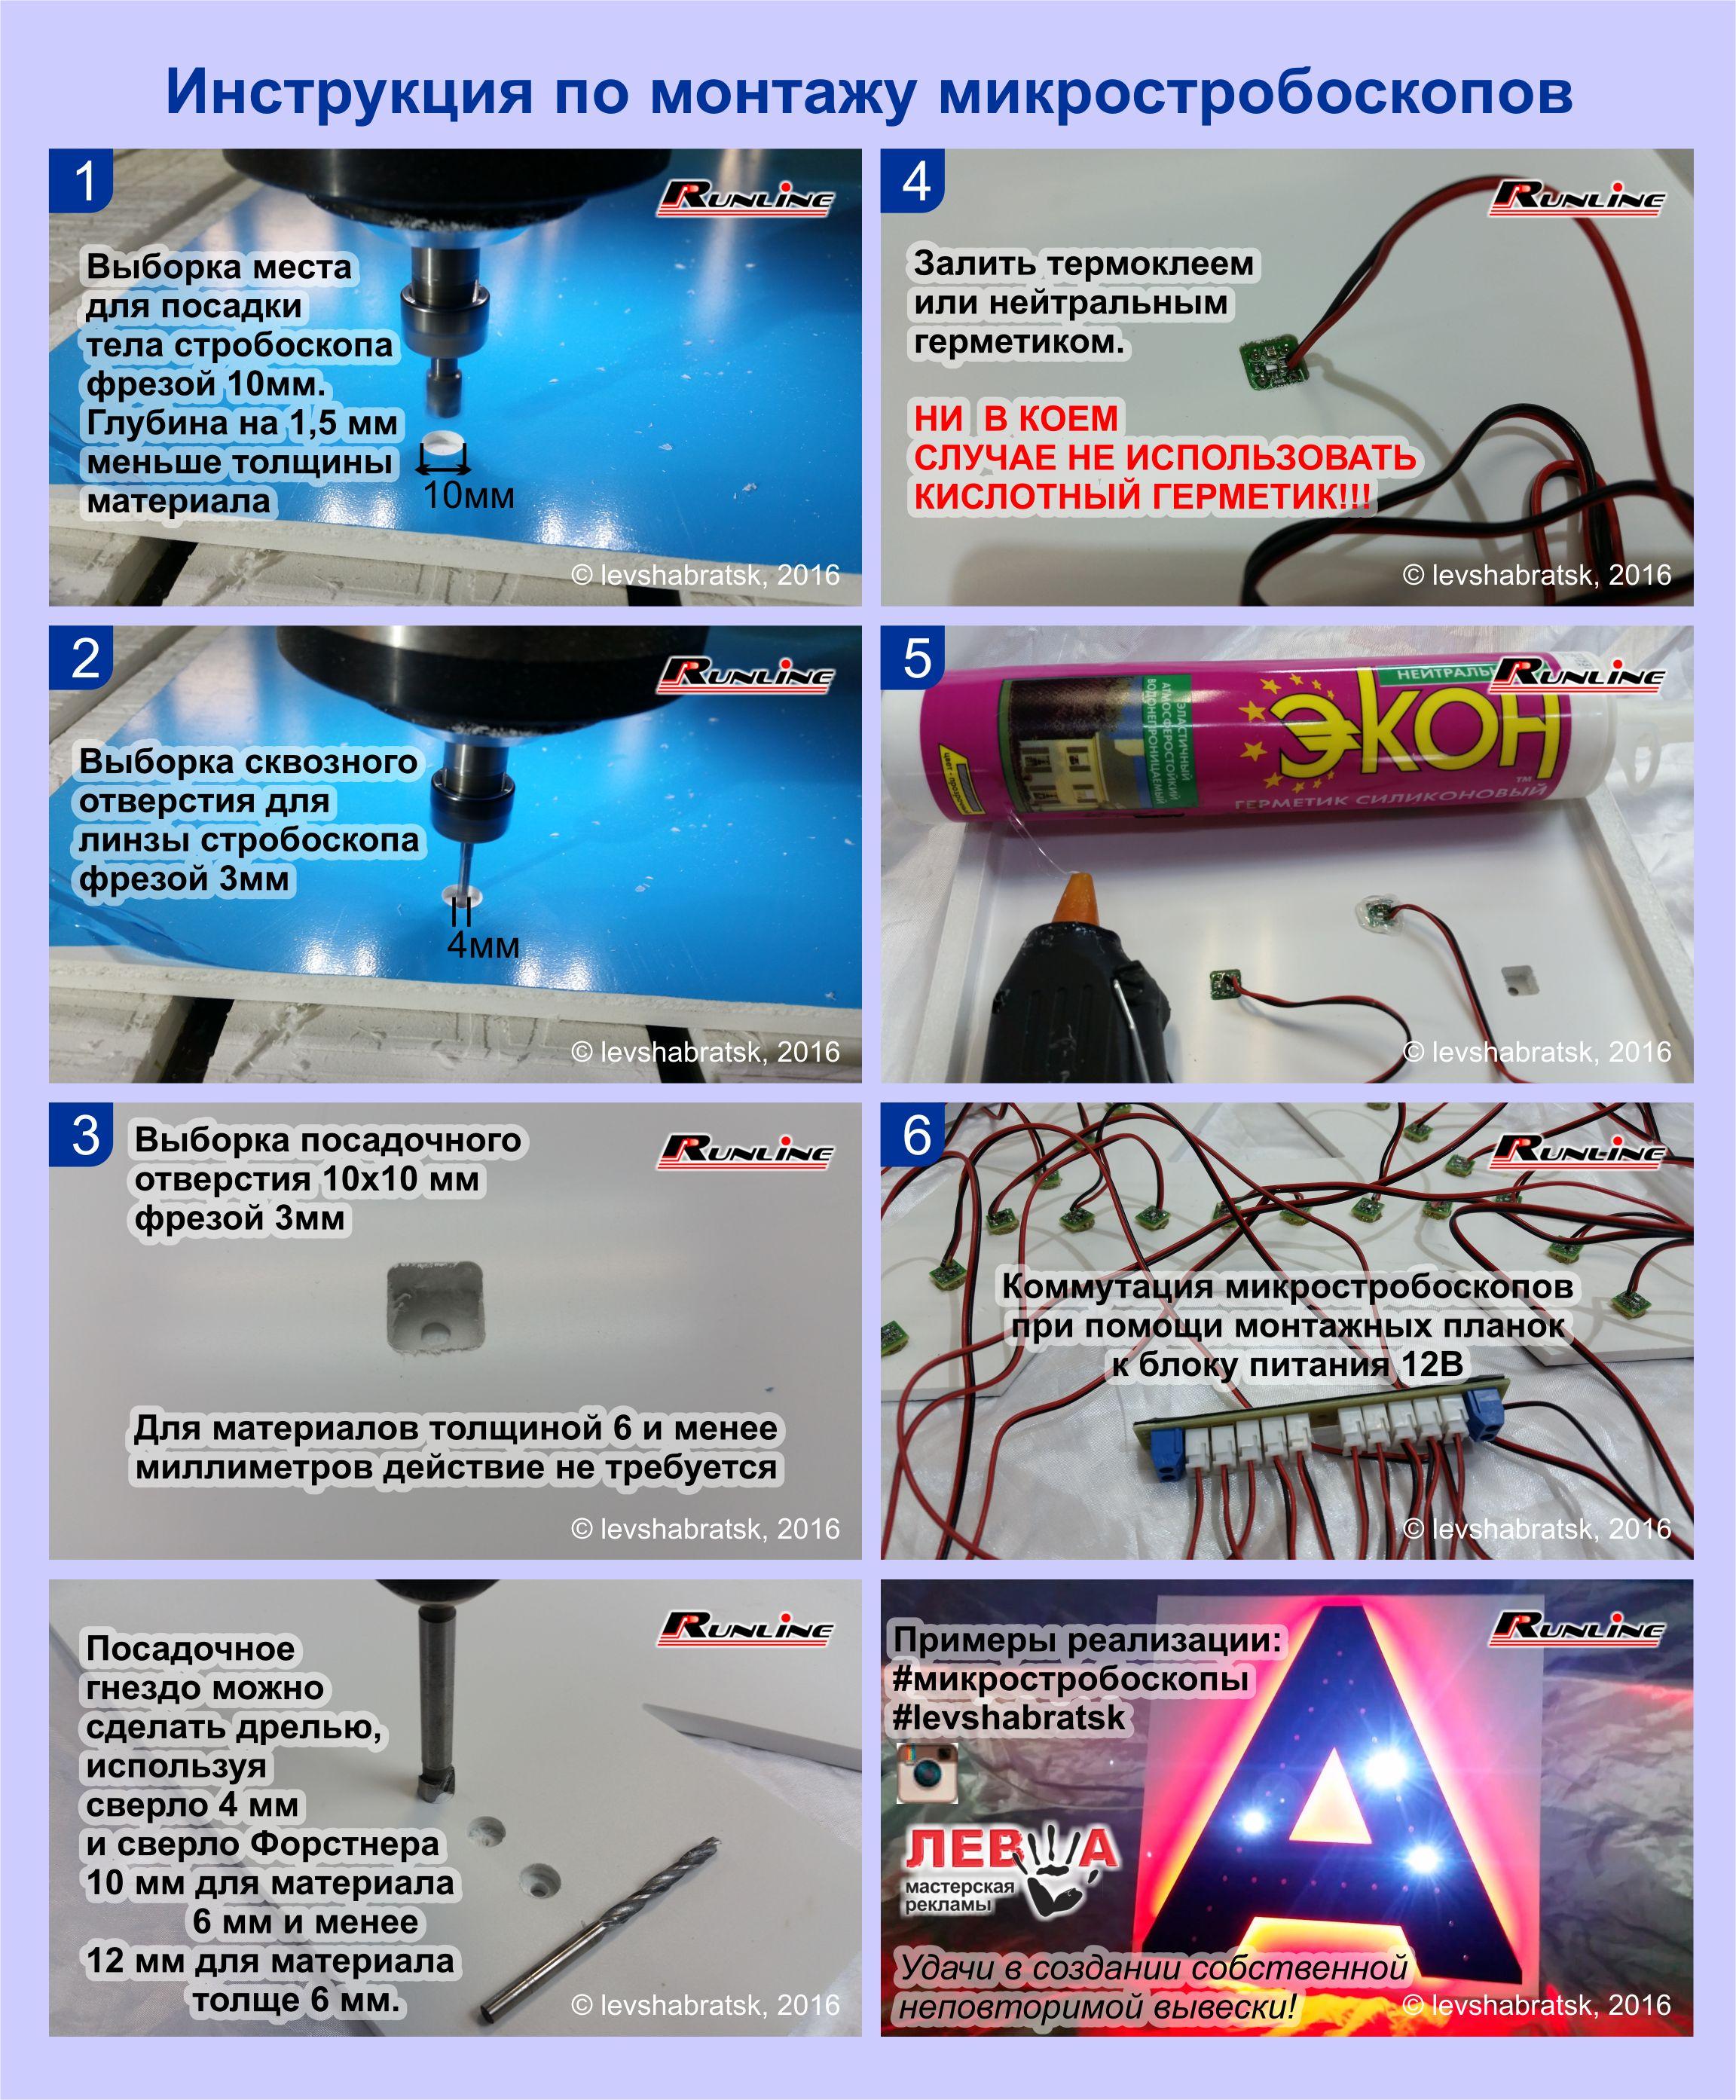 Инструкция по монтажу микростробоскопов